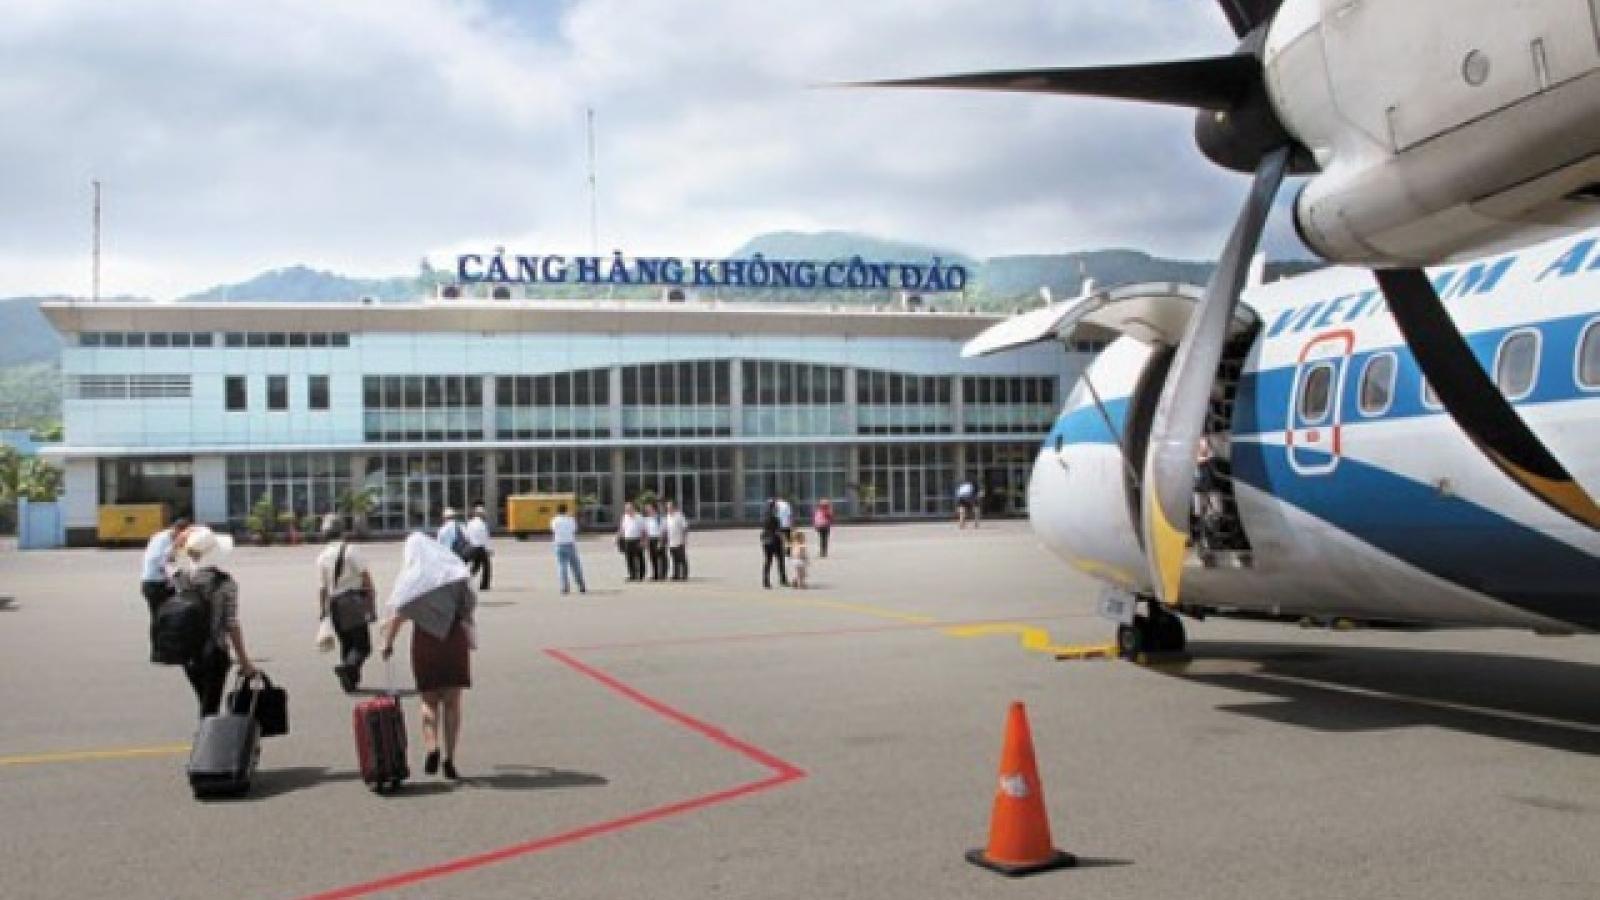 Tạm dừng tất cả các chuyến bay đến Côn Đảo để phòng COVID-19